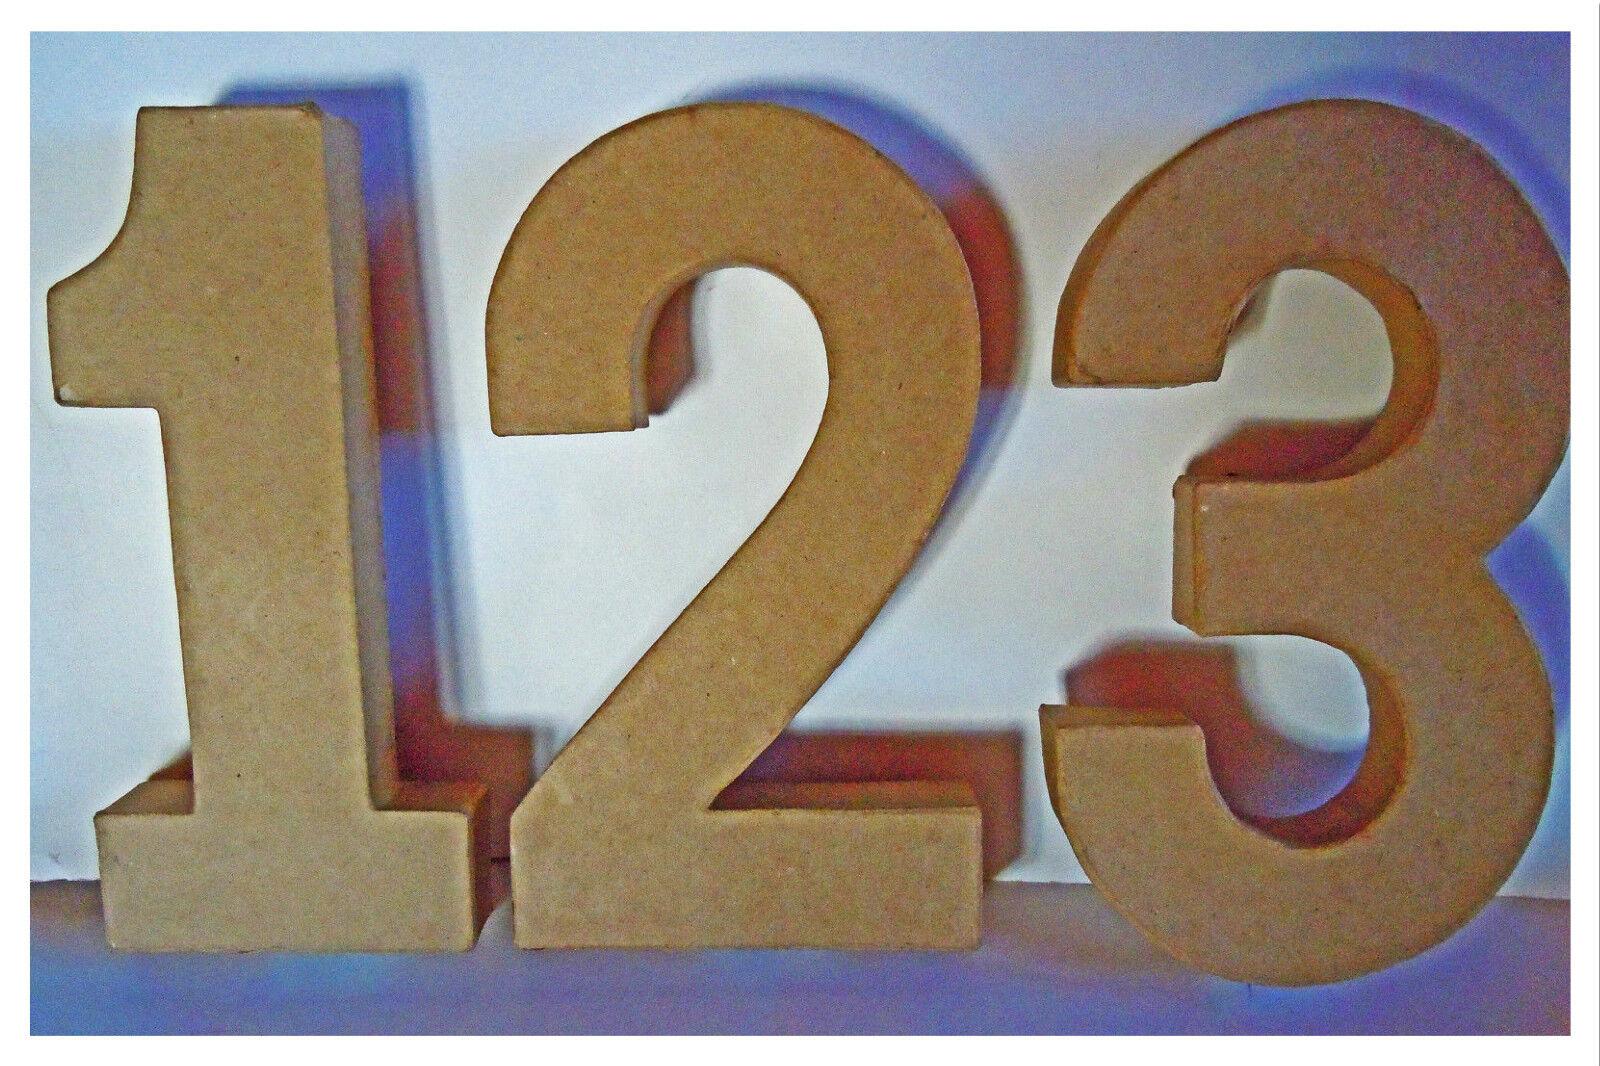 Papp Art, Pappzahlen 0 - 9, Größe 20,5 x 2,5 cm, Pappe, Pappmachè, Basteln